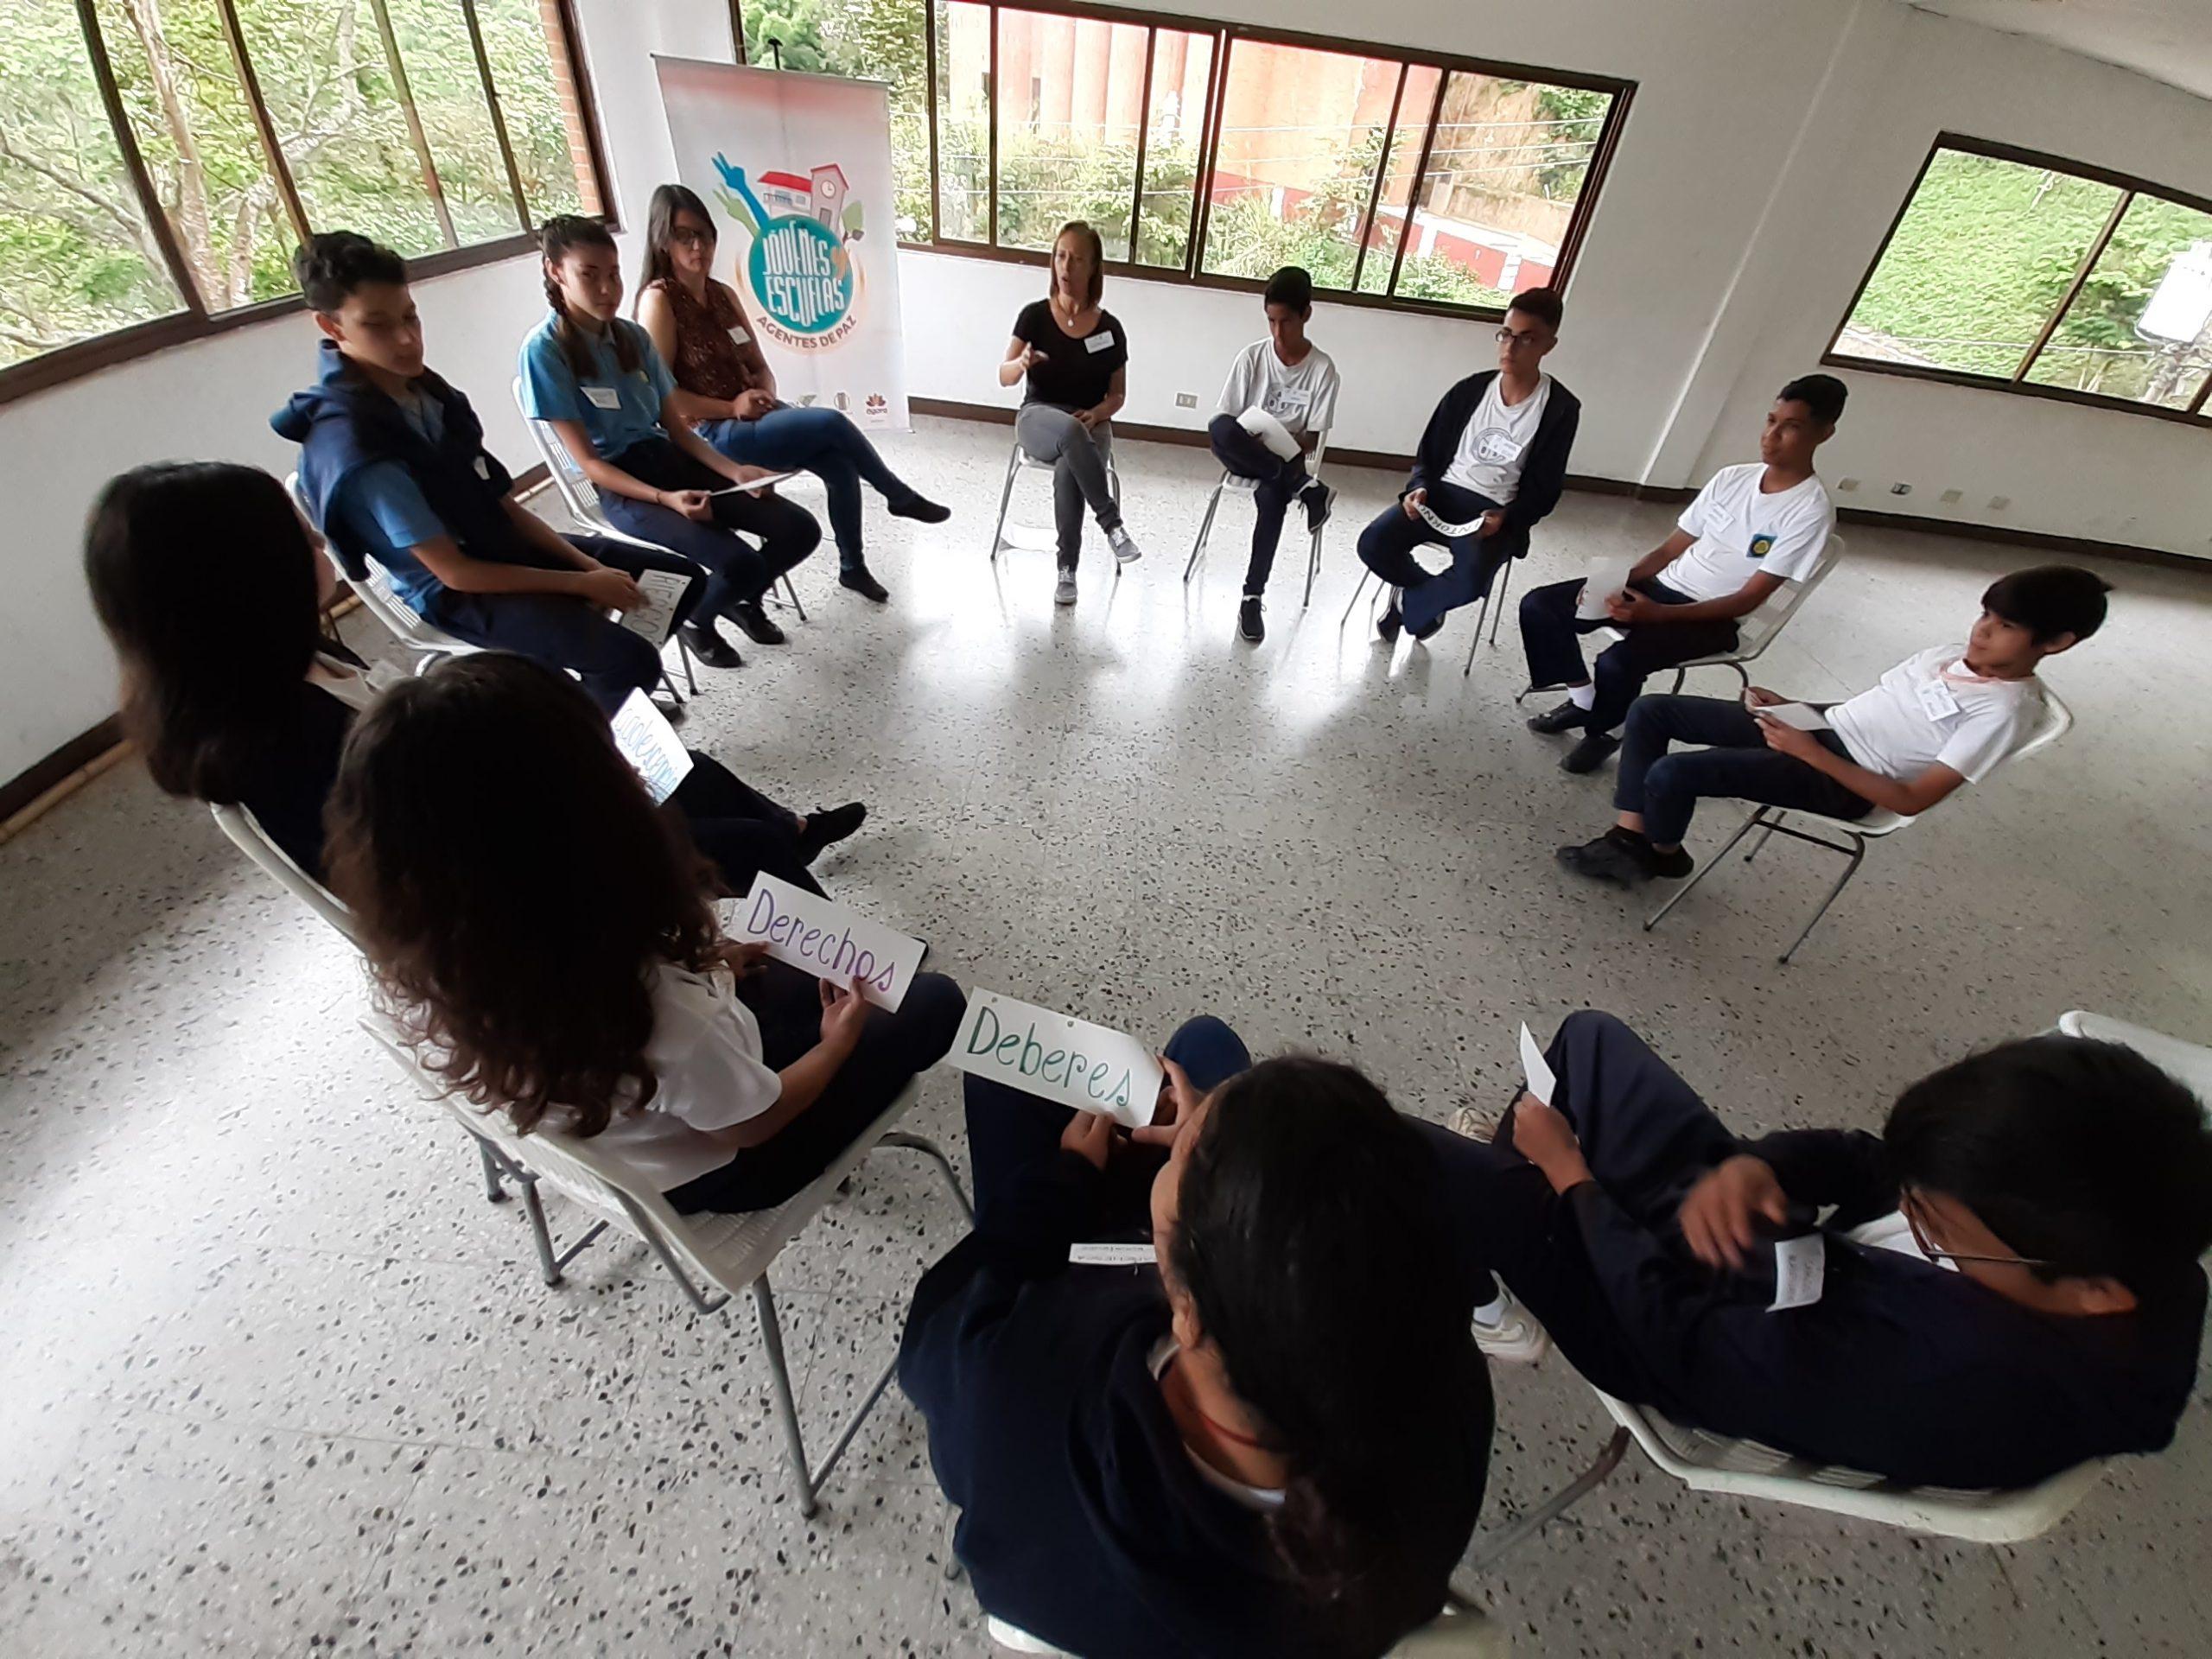 El Adolescente Y Su Entorno: Factores De Riesgo Y Protección